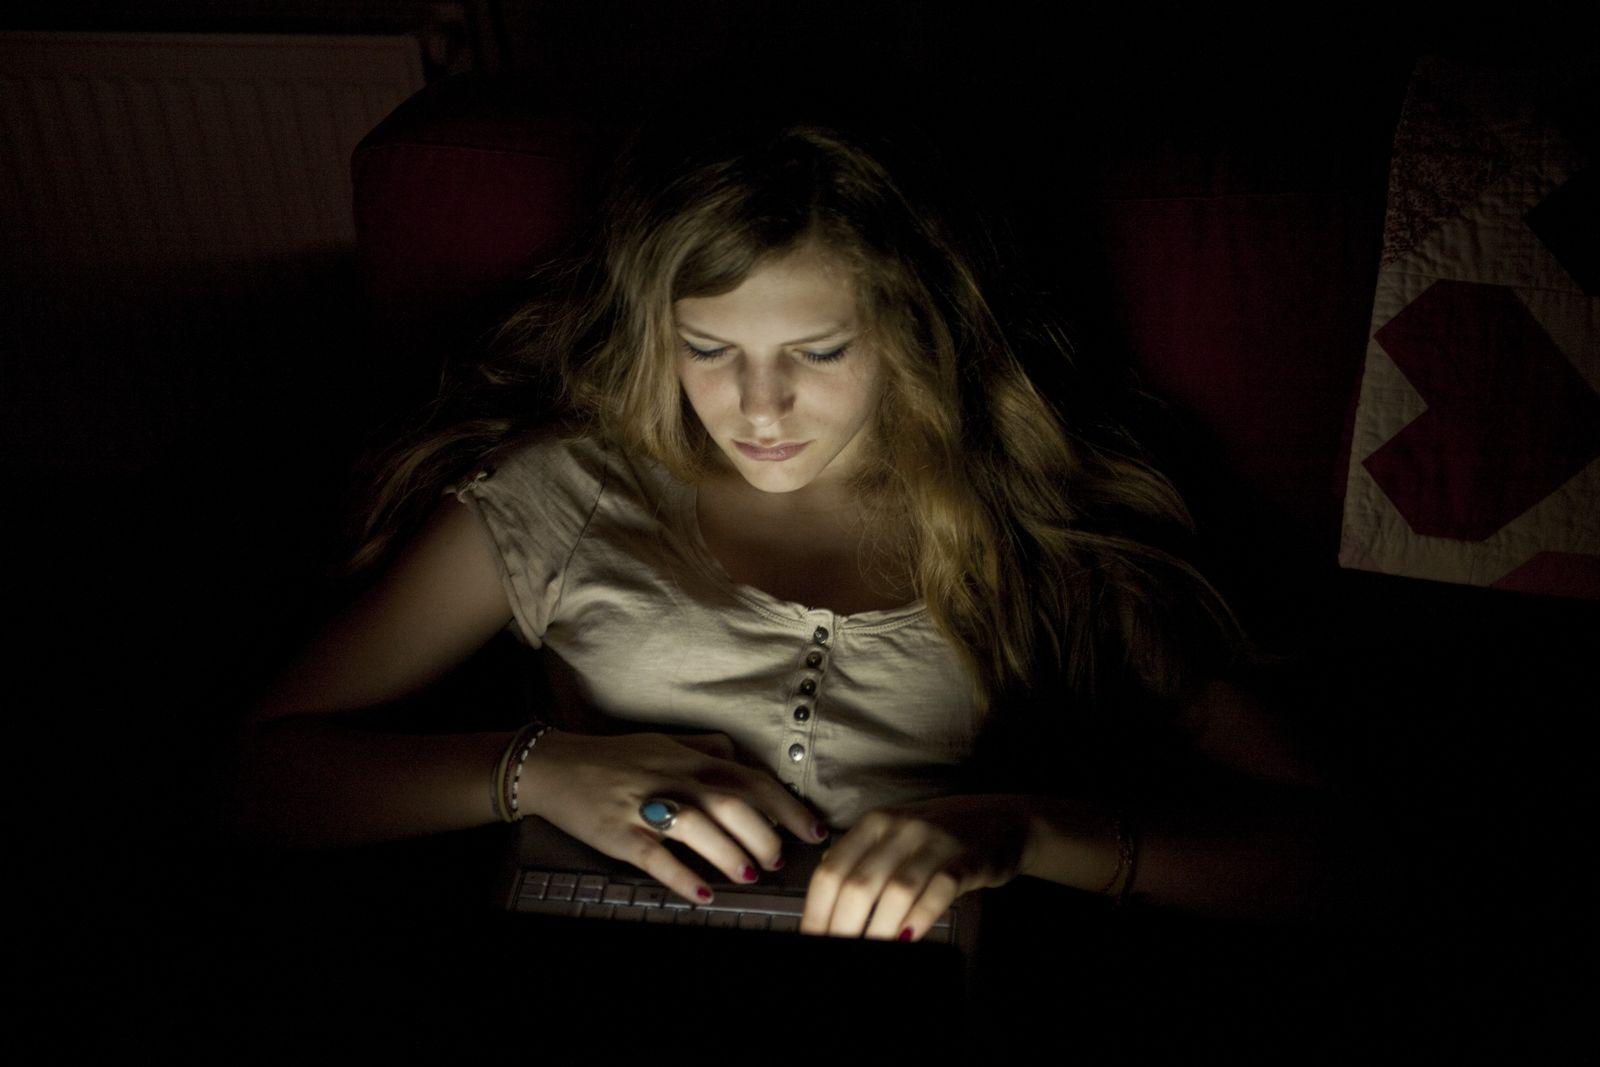 NICHT MEHR VERWENDEN! - Symbolbild Jugendliche / Internet / Computer / Laptop / Notebook